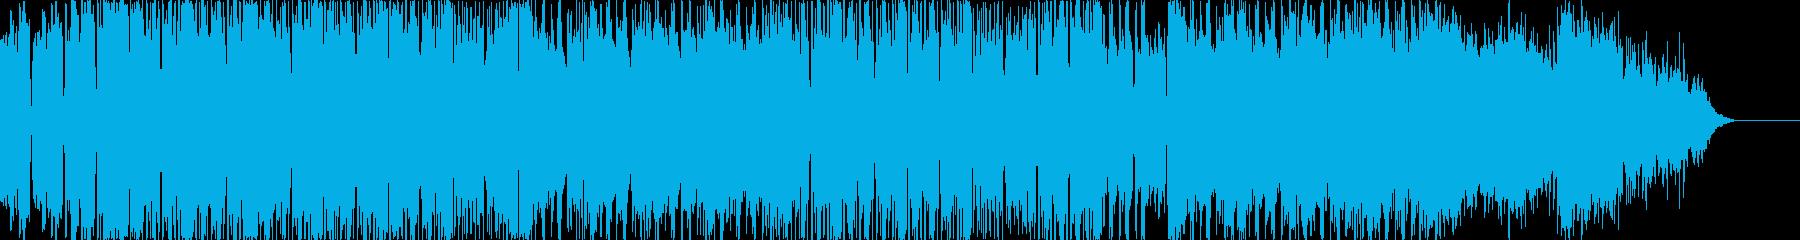 ロックエレクトロニック サスペンス...の再生済みの波形